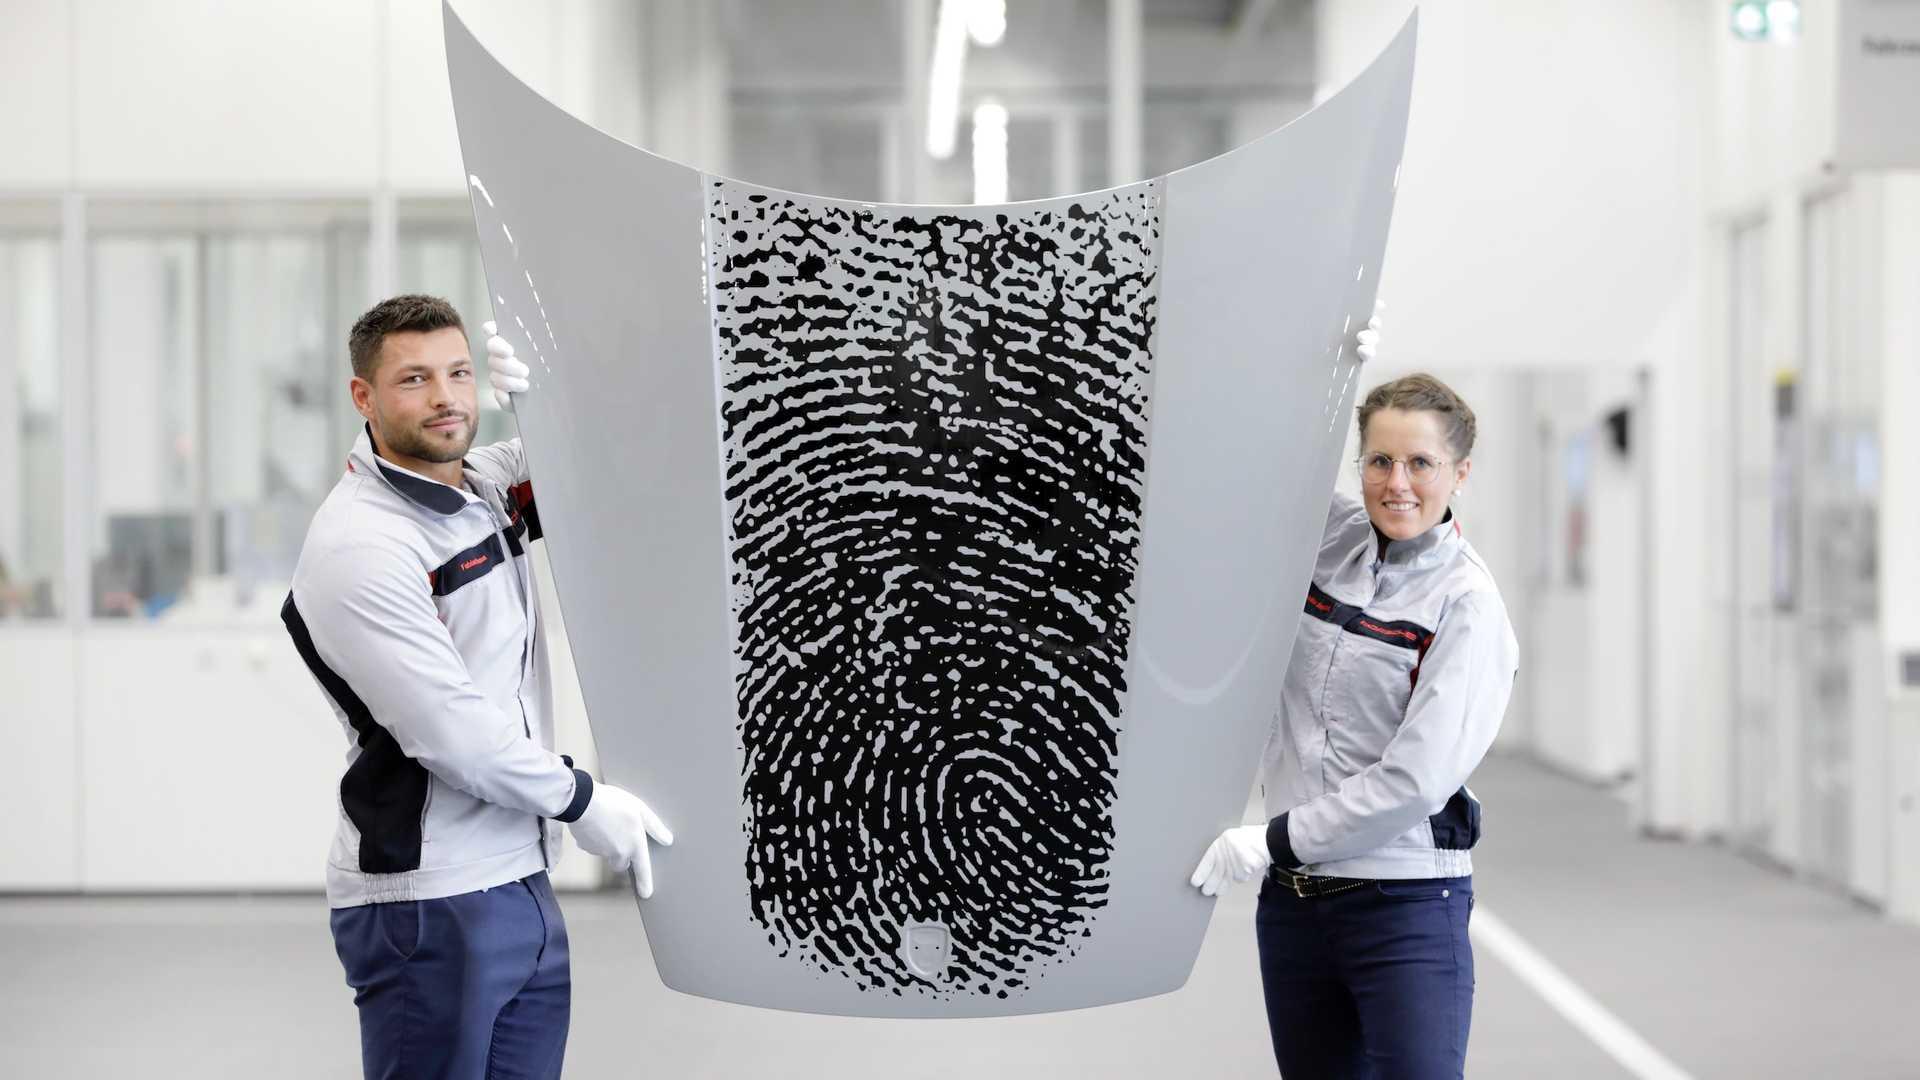 Porsche Will Put Your Fingerprint On A 911 For $8,100